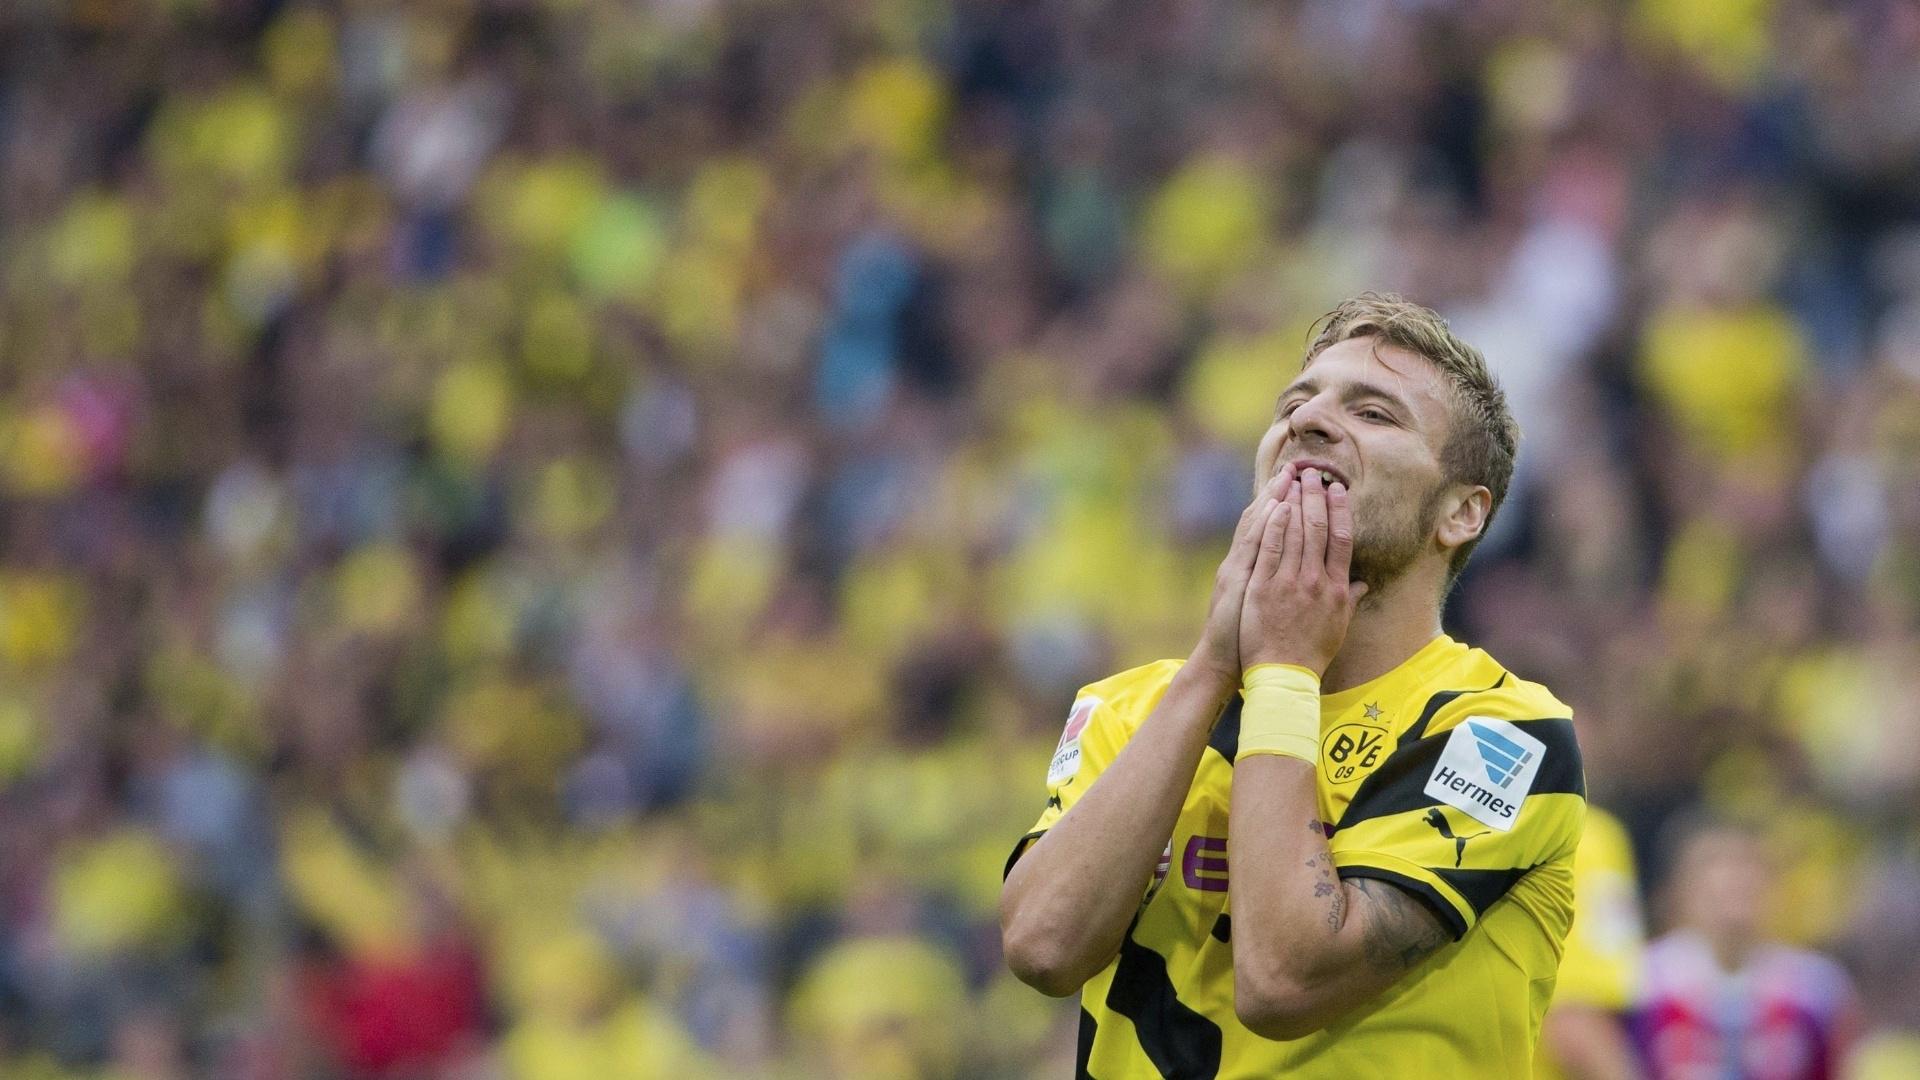 Atacante Immobile, do Borussia Dortmund, lamenta chance perdida no jogo contra o Bayern de Munique, pela Supercopa da Alemanha